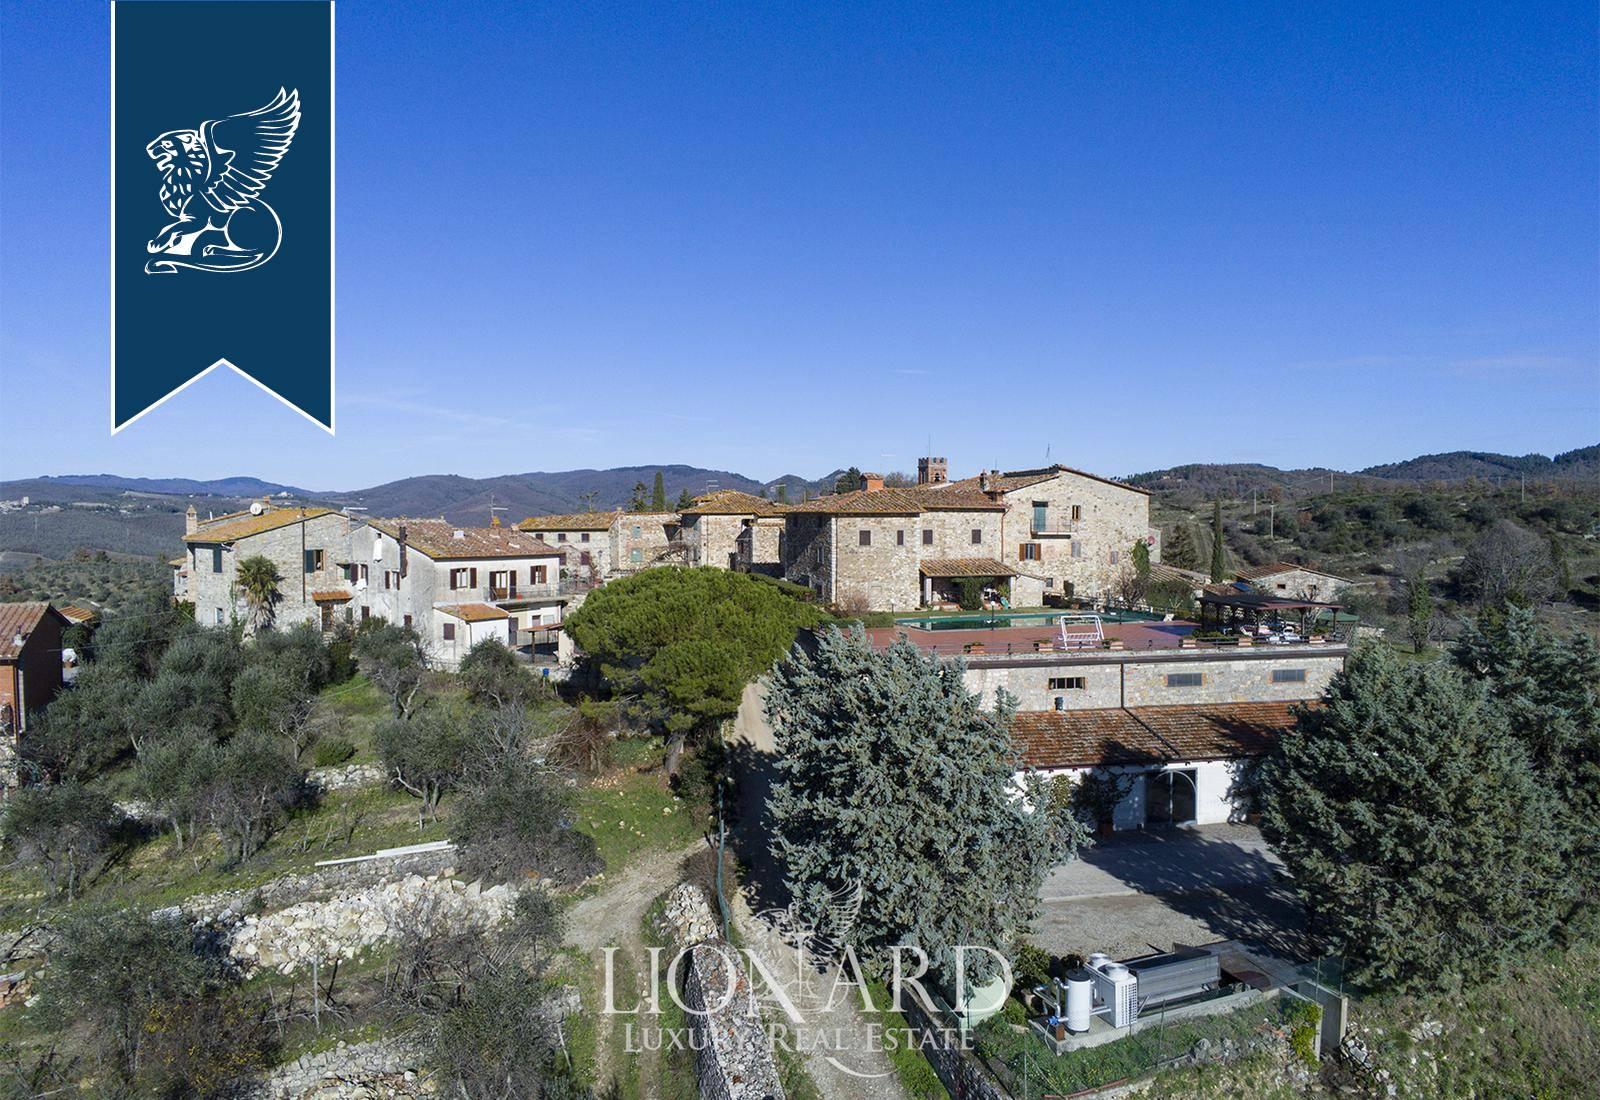 Azienda in Vendita a Gaiole In Chianti: 0 locali, 1500 mq - Foto 4